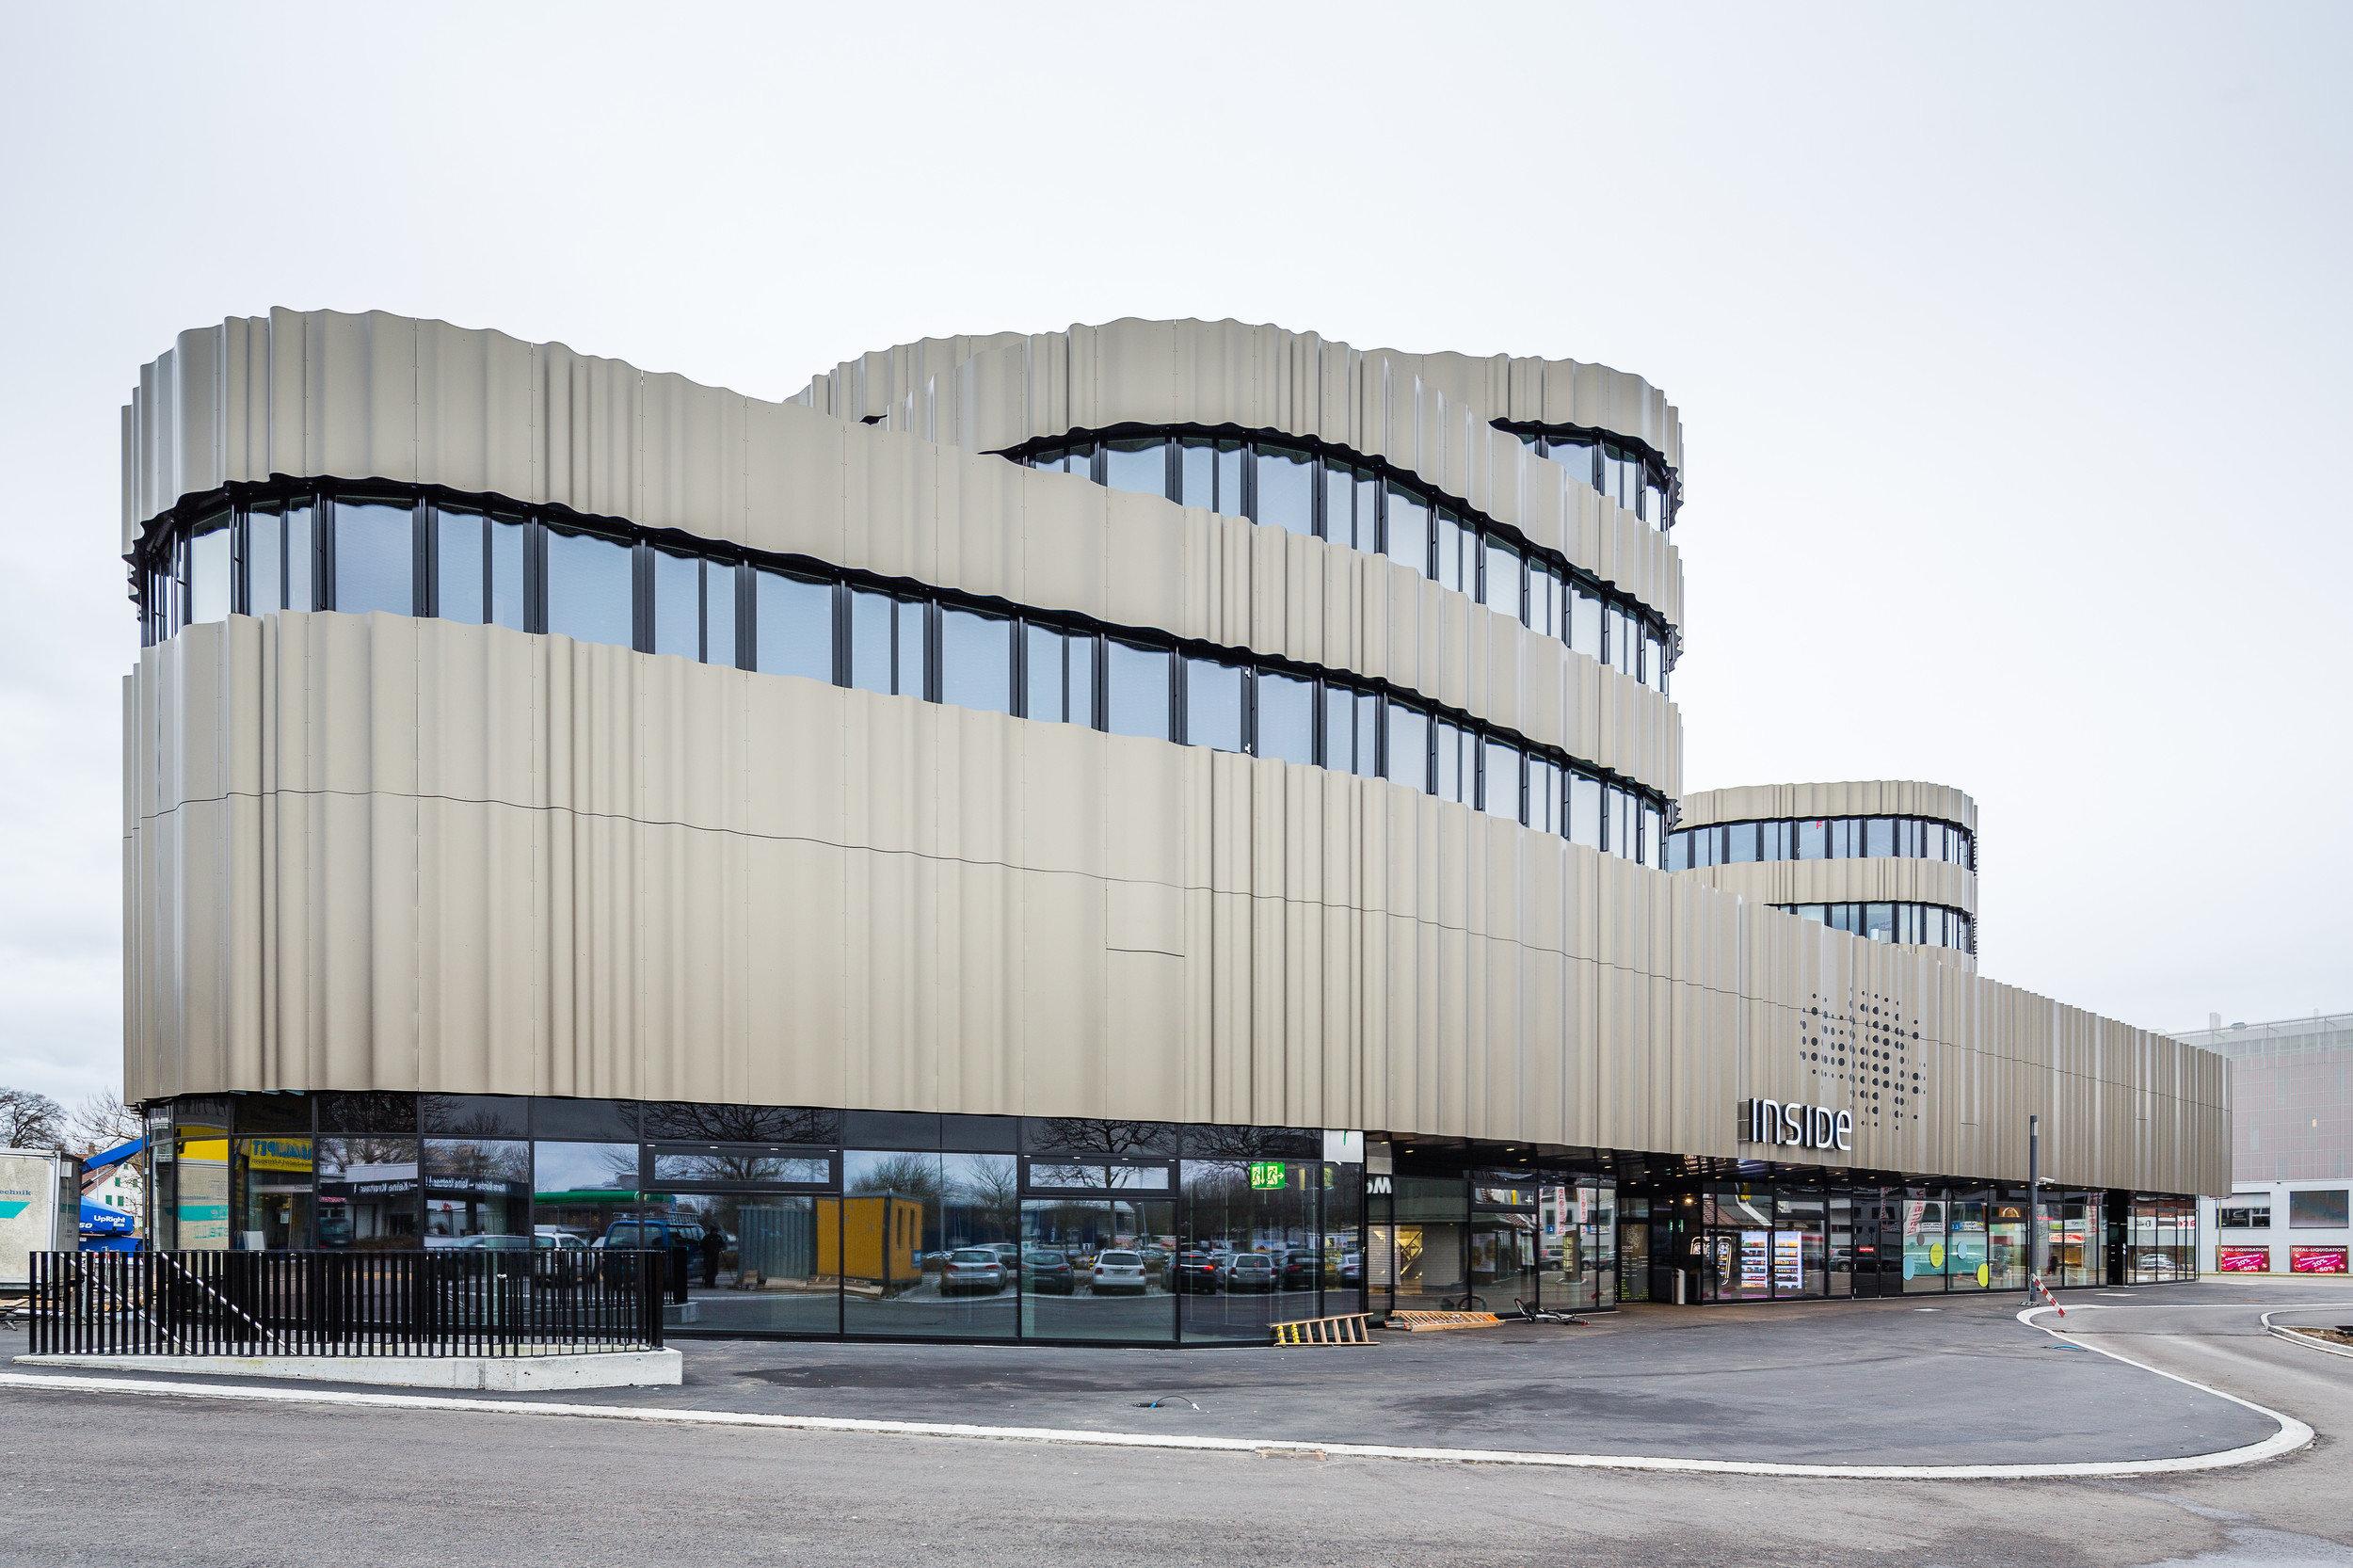 5-geschossiges Gebäude mit geschwungener Gebäudeform